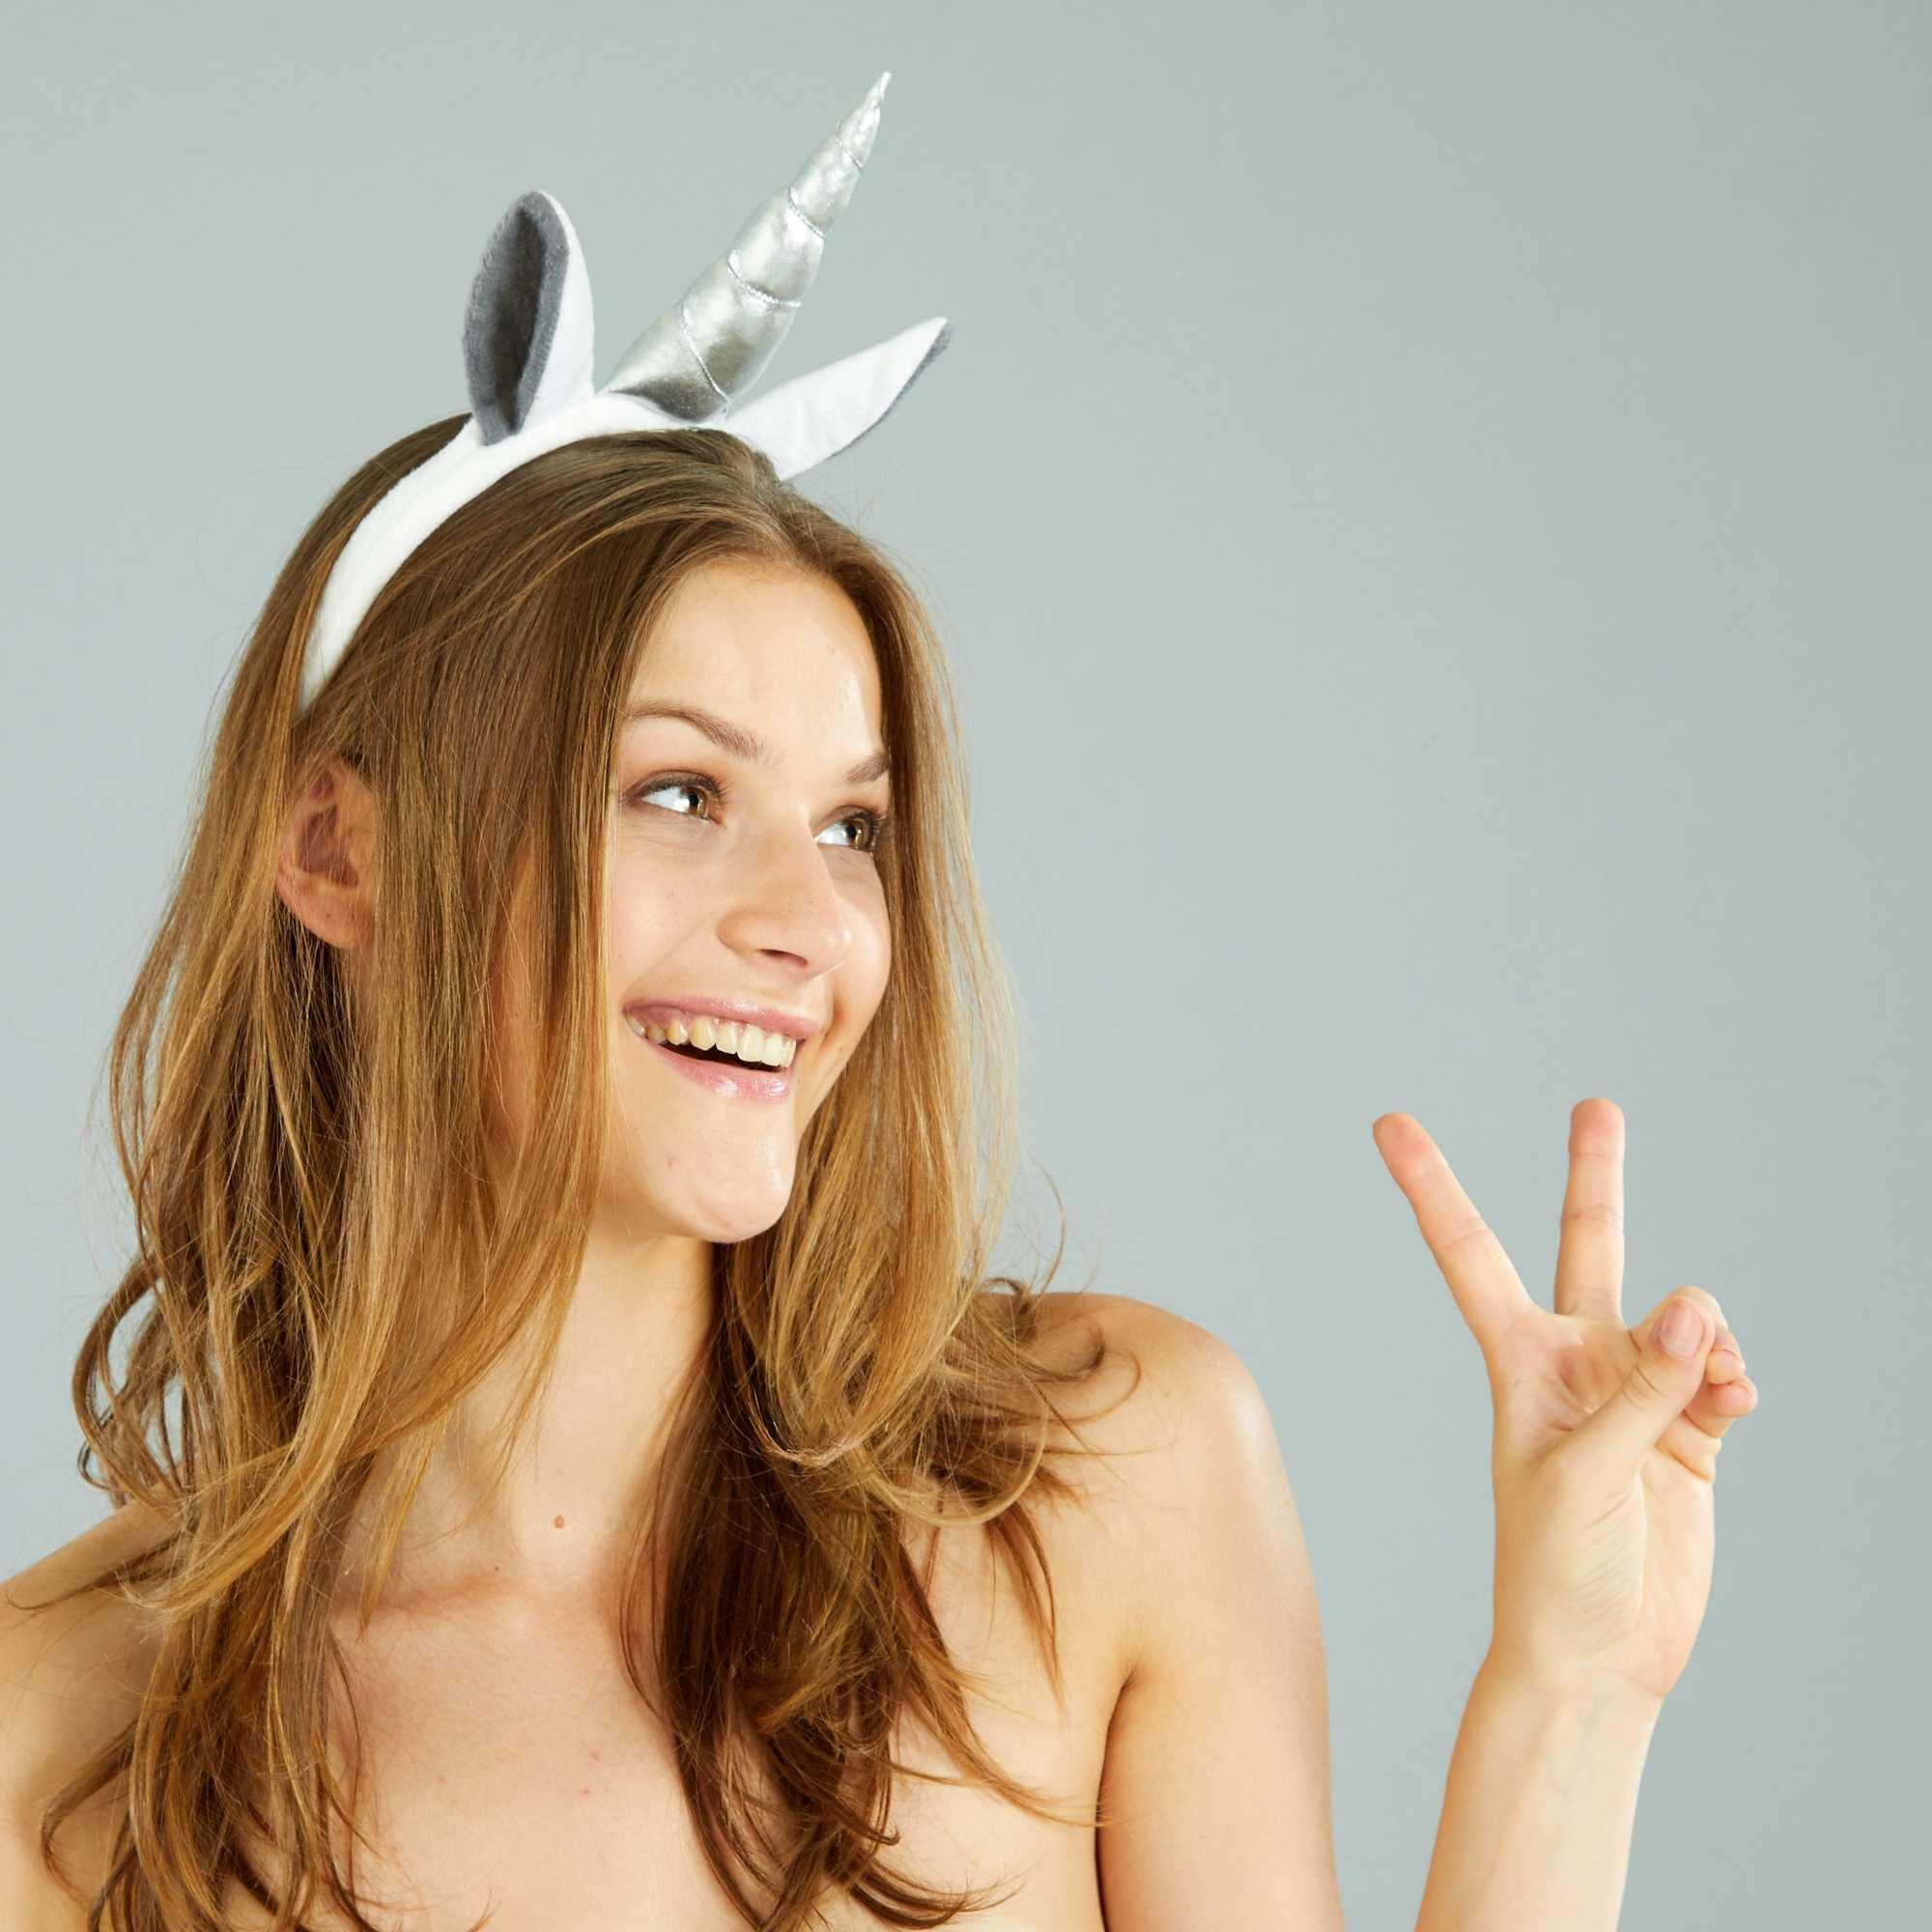 Couleur : blanc, , ,, - Taille : TU, , ,,L'accessoire indispensable pour les éternelles princesses ! - Serre-tête licorne - En